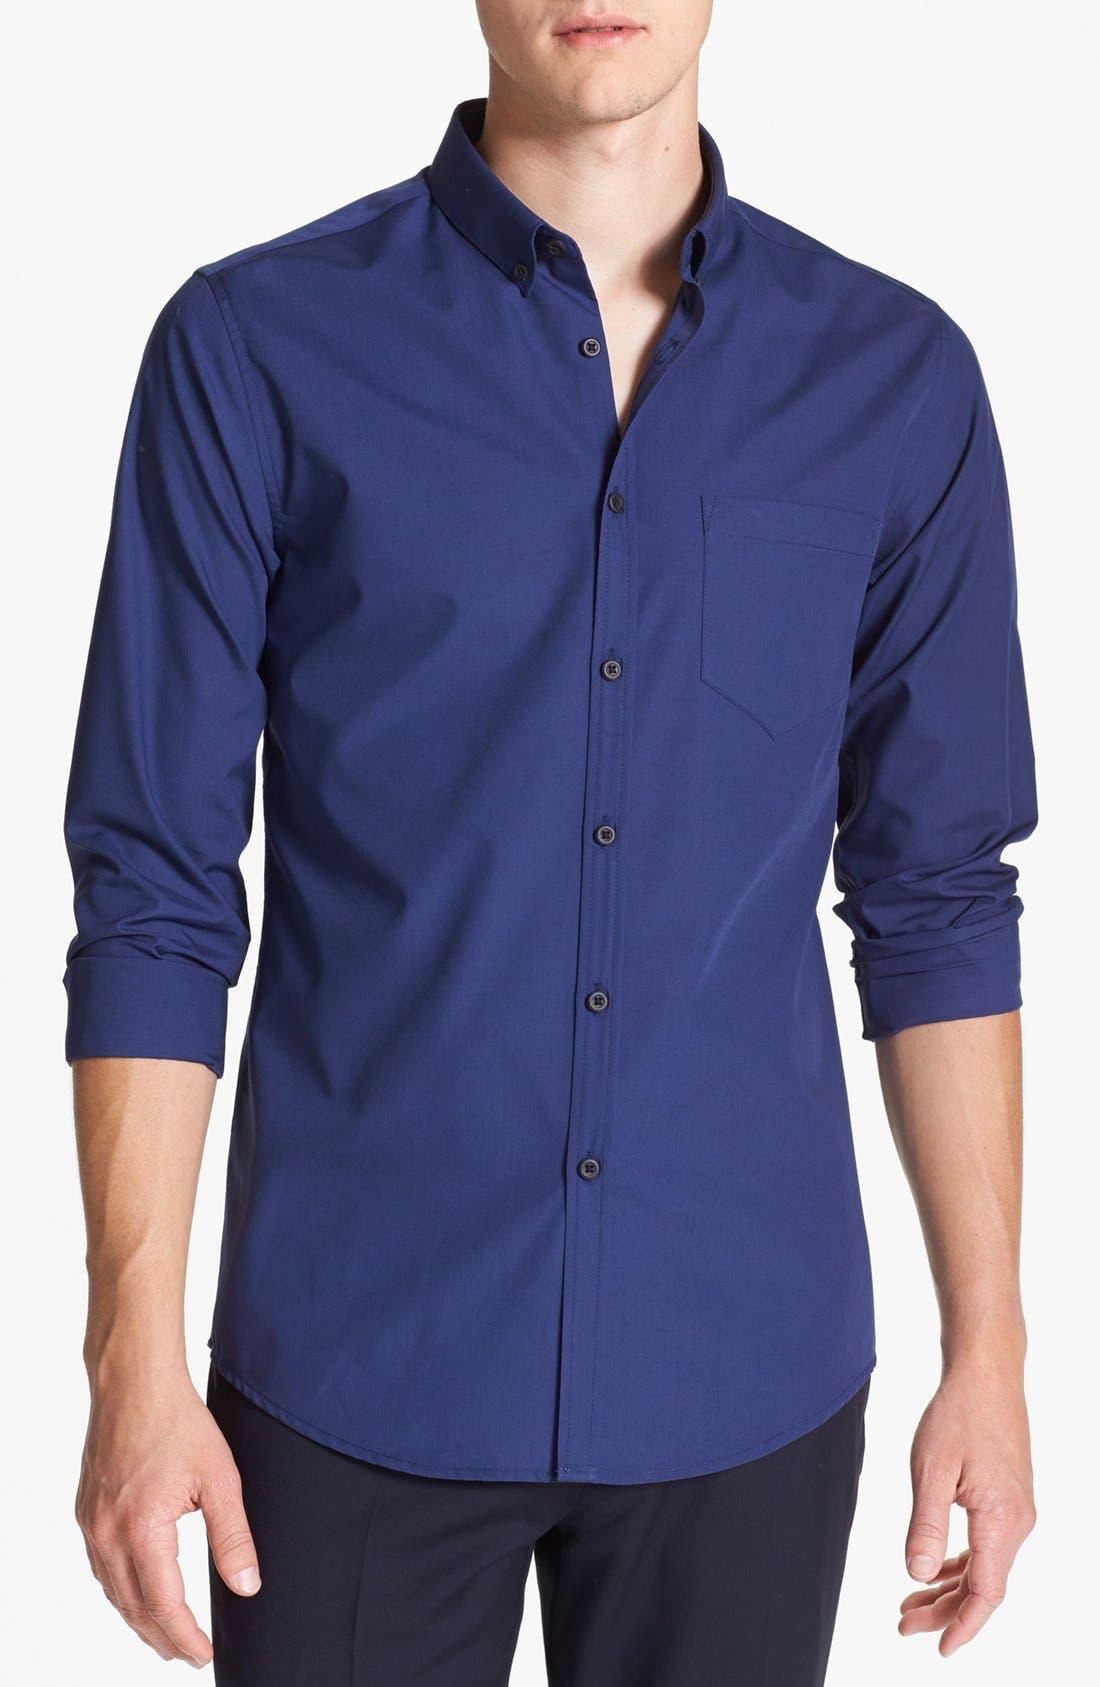 Alternate Image 1 Selected - Topman 'Smart' Shirt